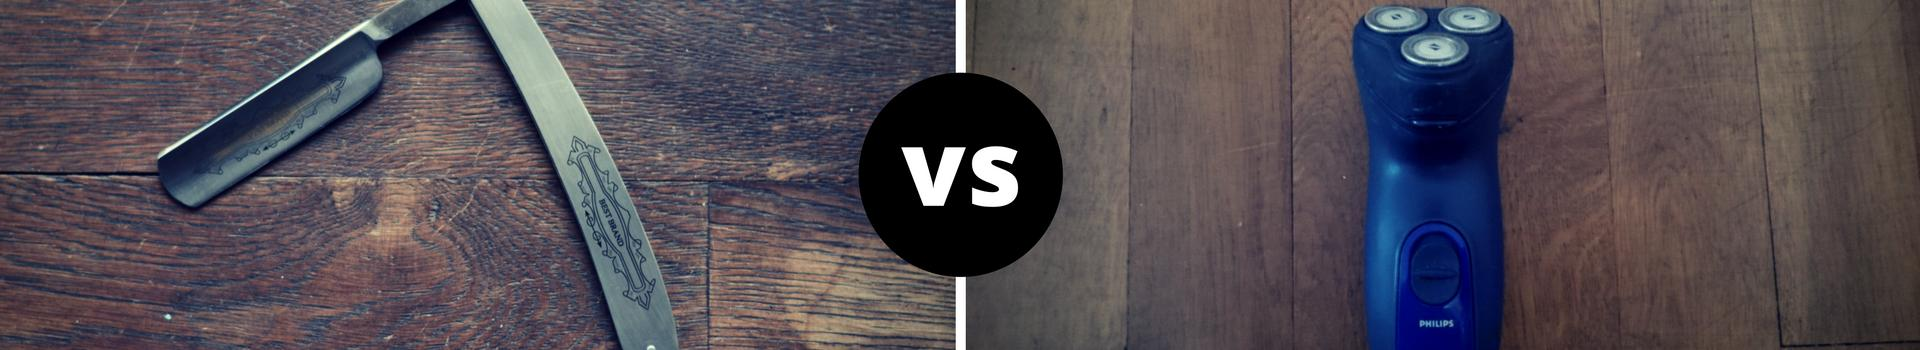 Rasiermesser vs Trockenrasierer